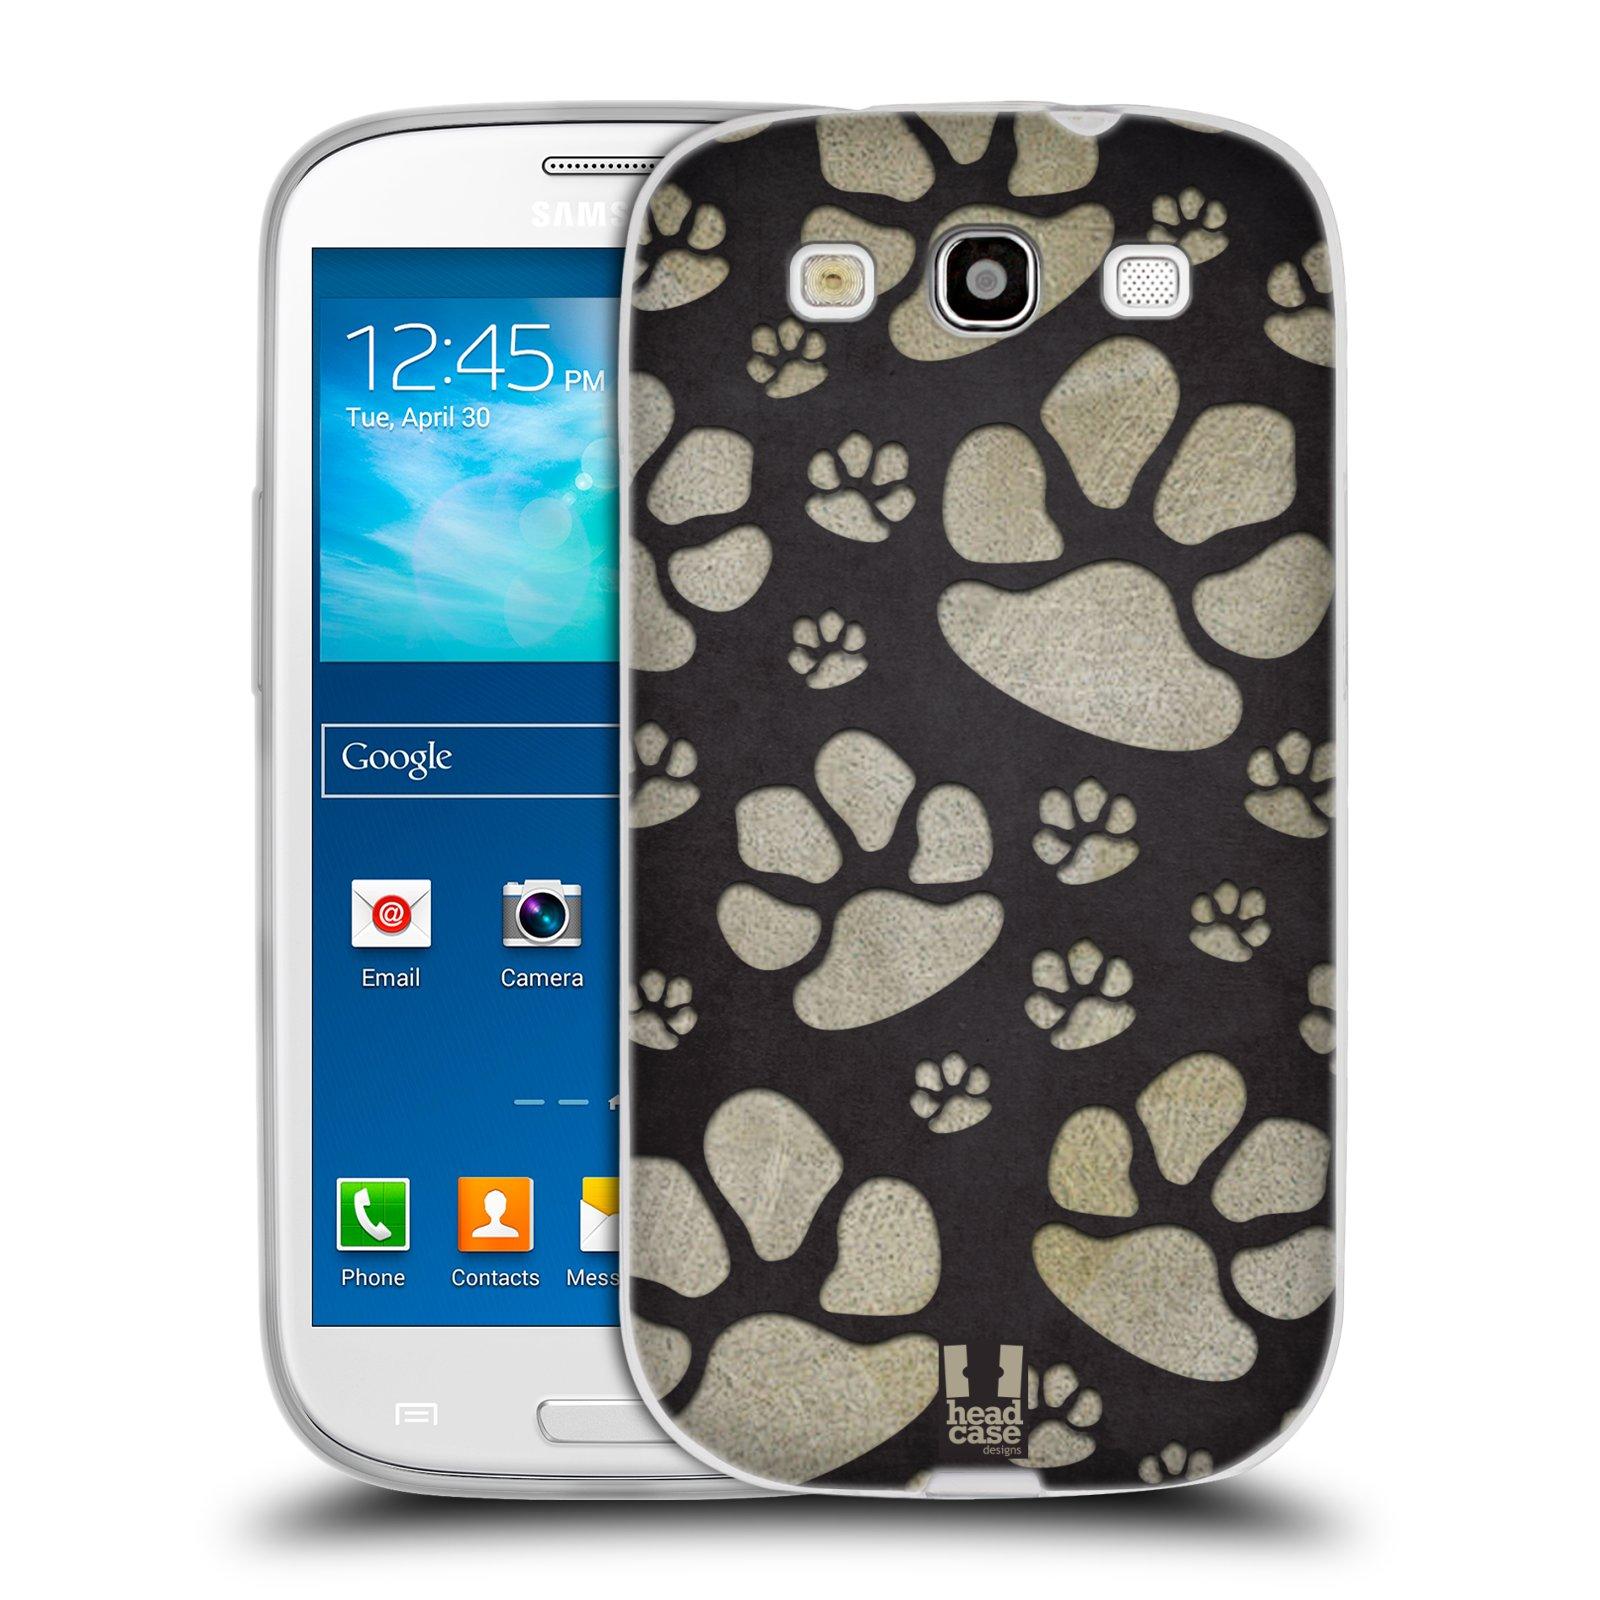 Silikonové pouzdro na mobil Samsung Galaxy S3 Neo HEAD CASE TLAPKY ŠEDÉ (Silikonový kryt či obal na mobilní telefon Samsung Galaxy S3 Neo GT-i9301i)